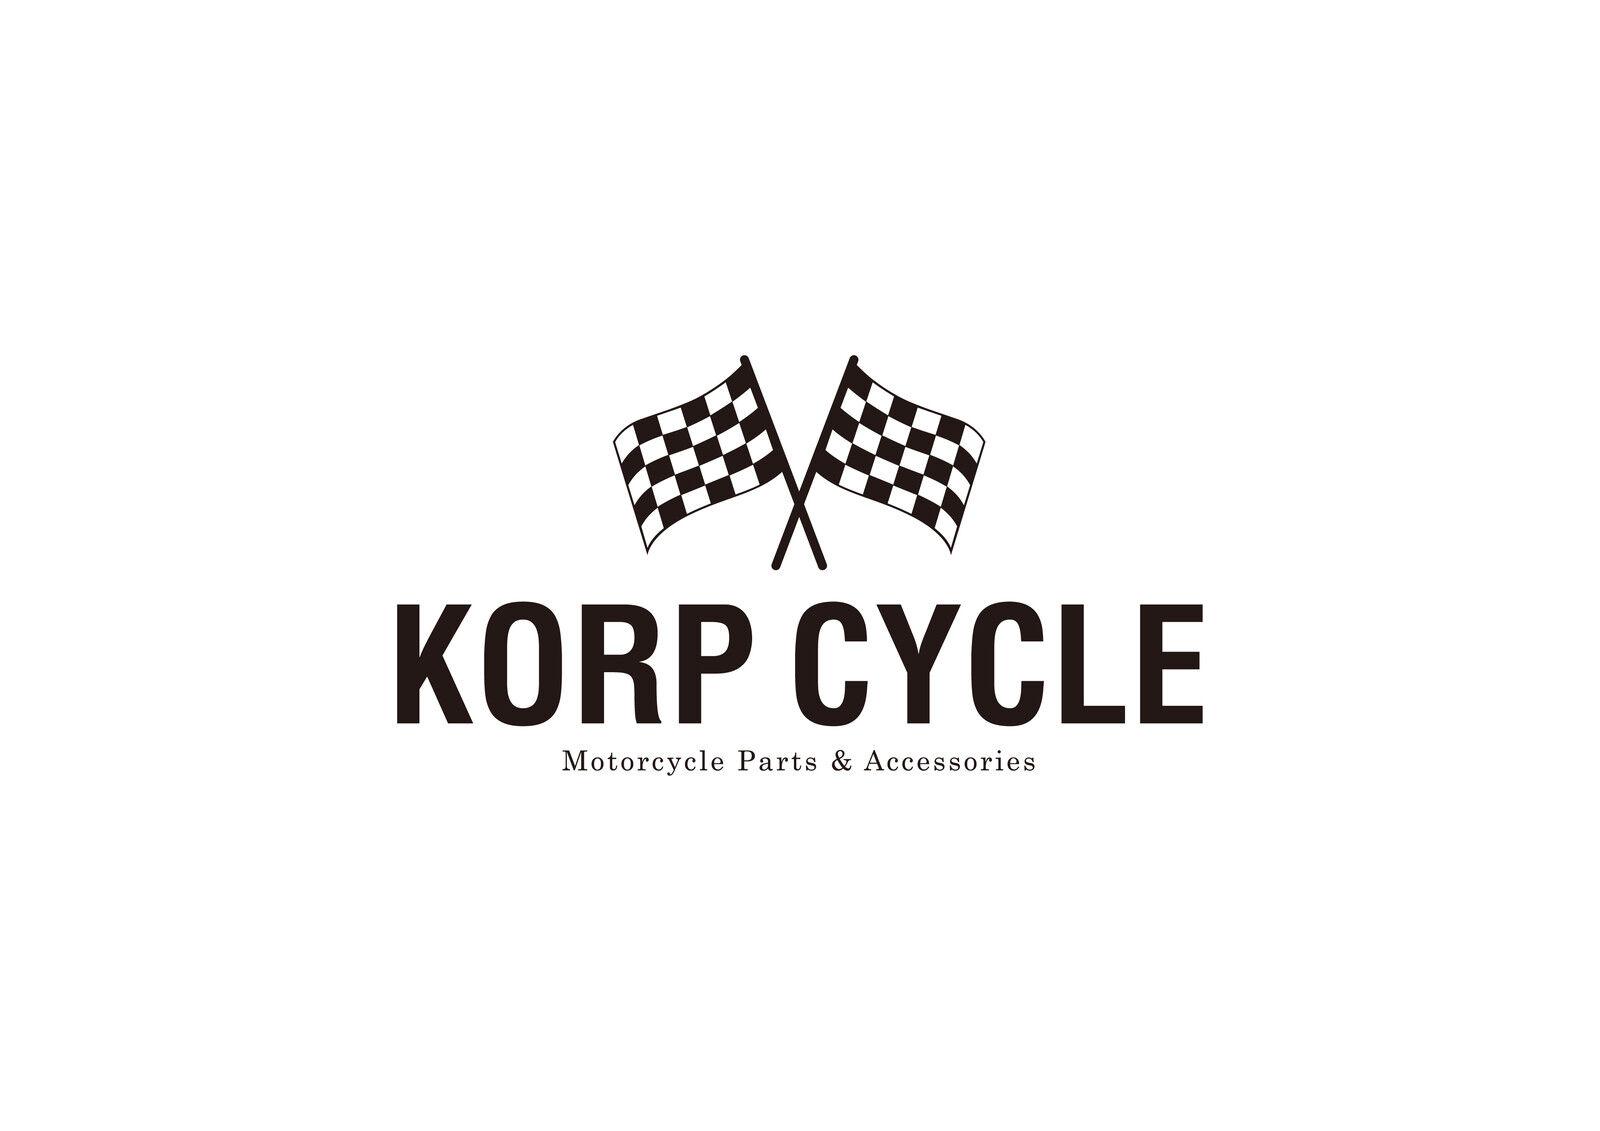 korpcycle